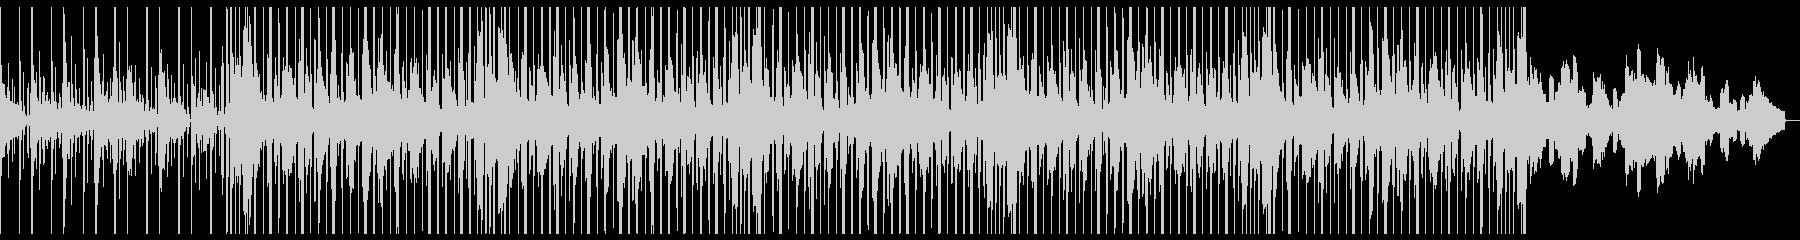 海のキラキラ系の神秘的JAZZYビートの未再生の波形